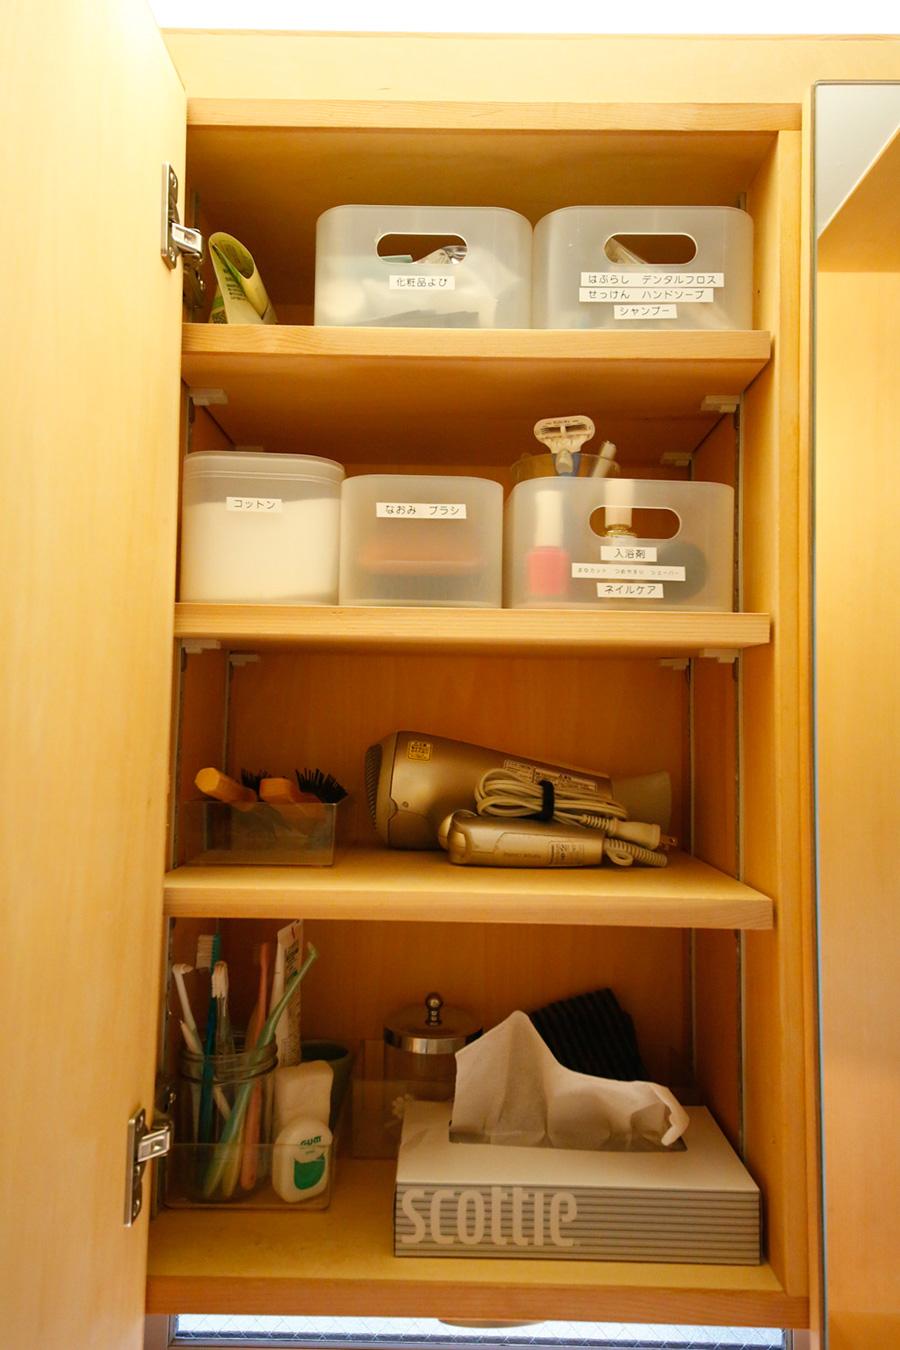 洗面台の棚の中もプラスチックのかごを活用。歯ブラシの予備、マニキュア、コットンなどを分けて入れる。